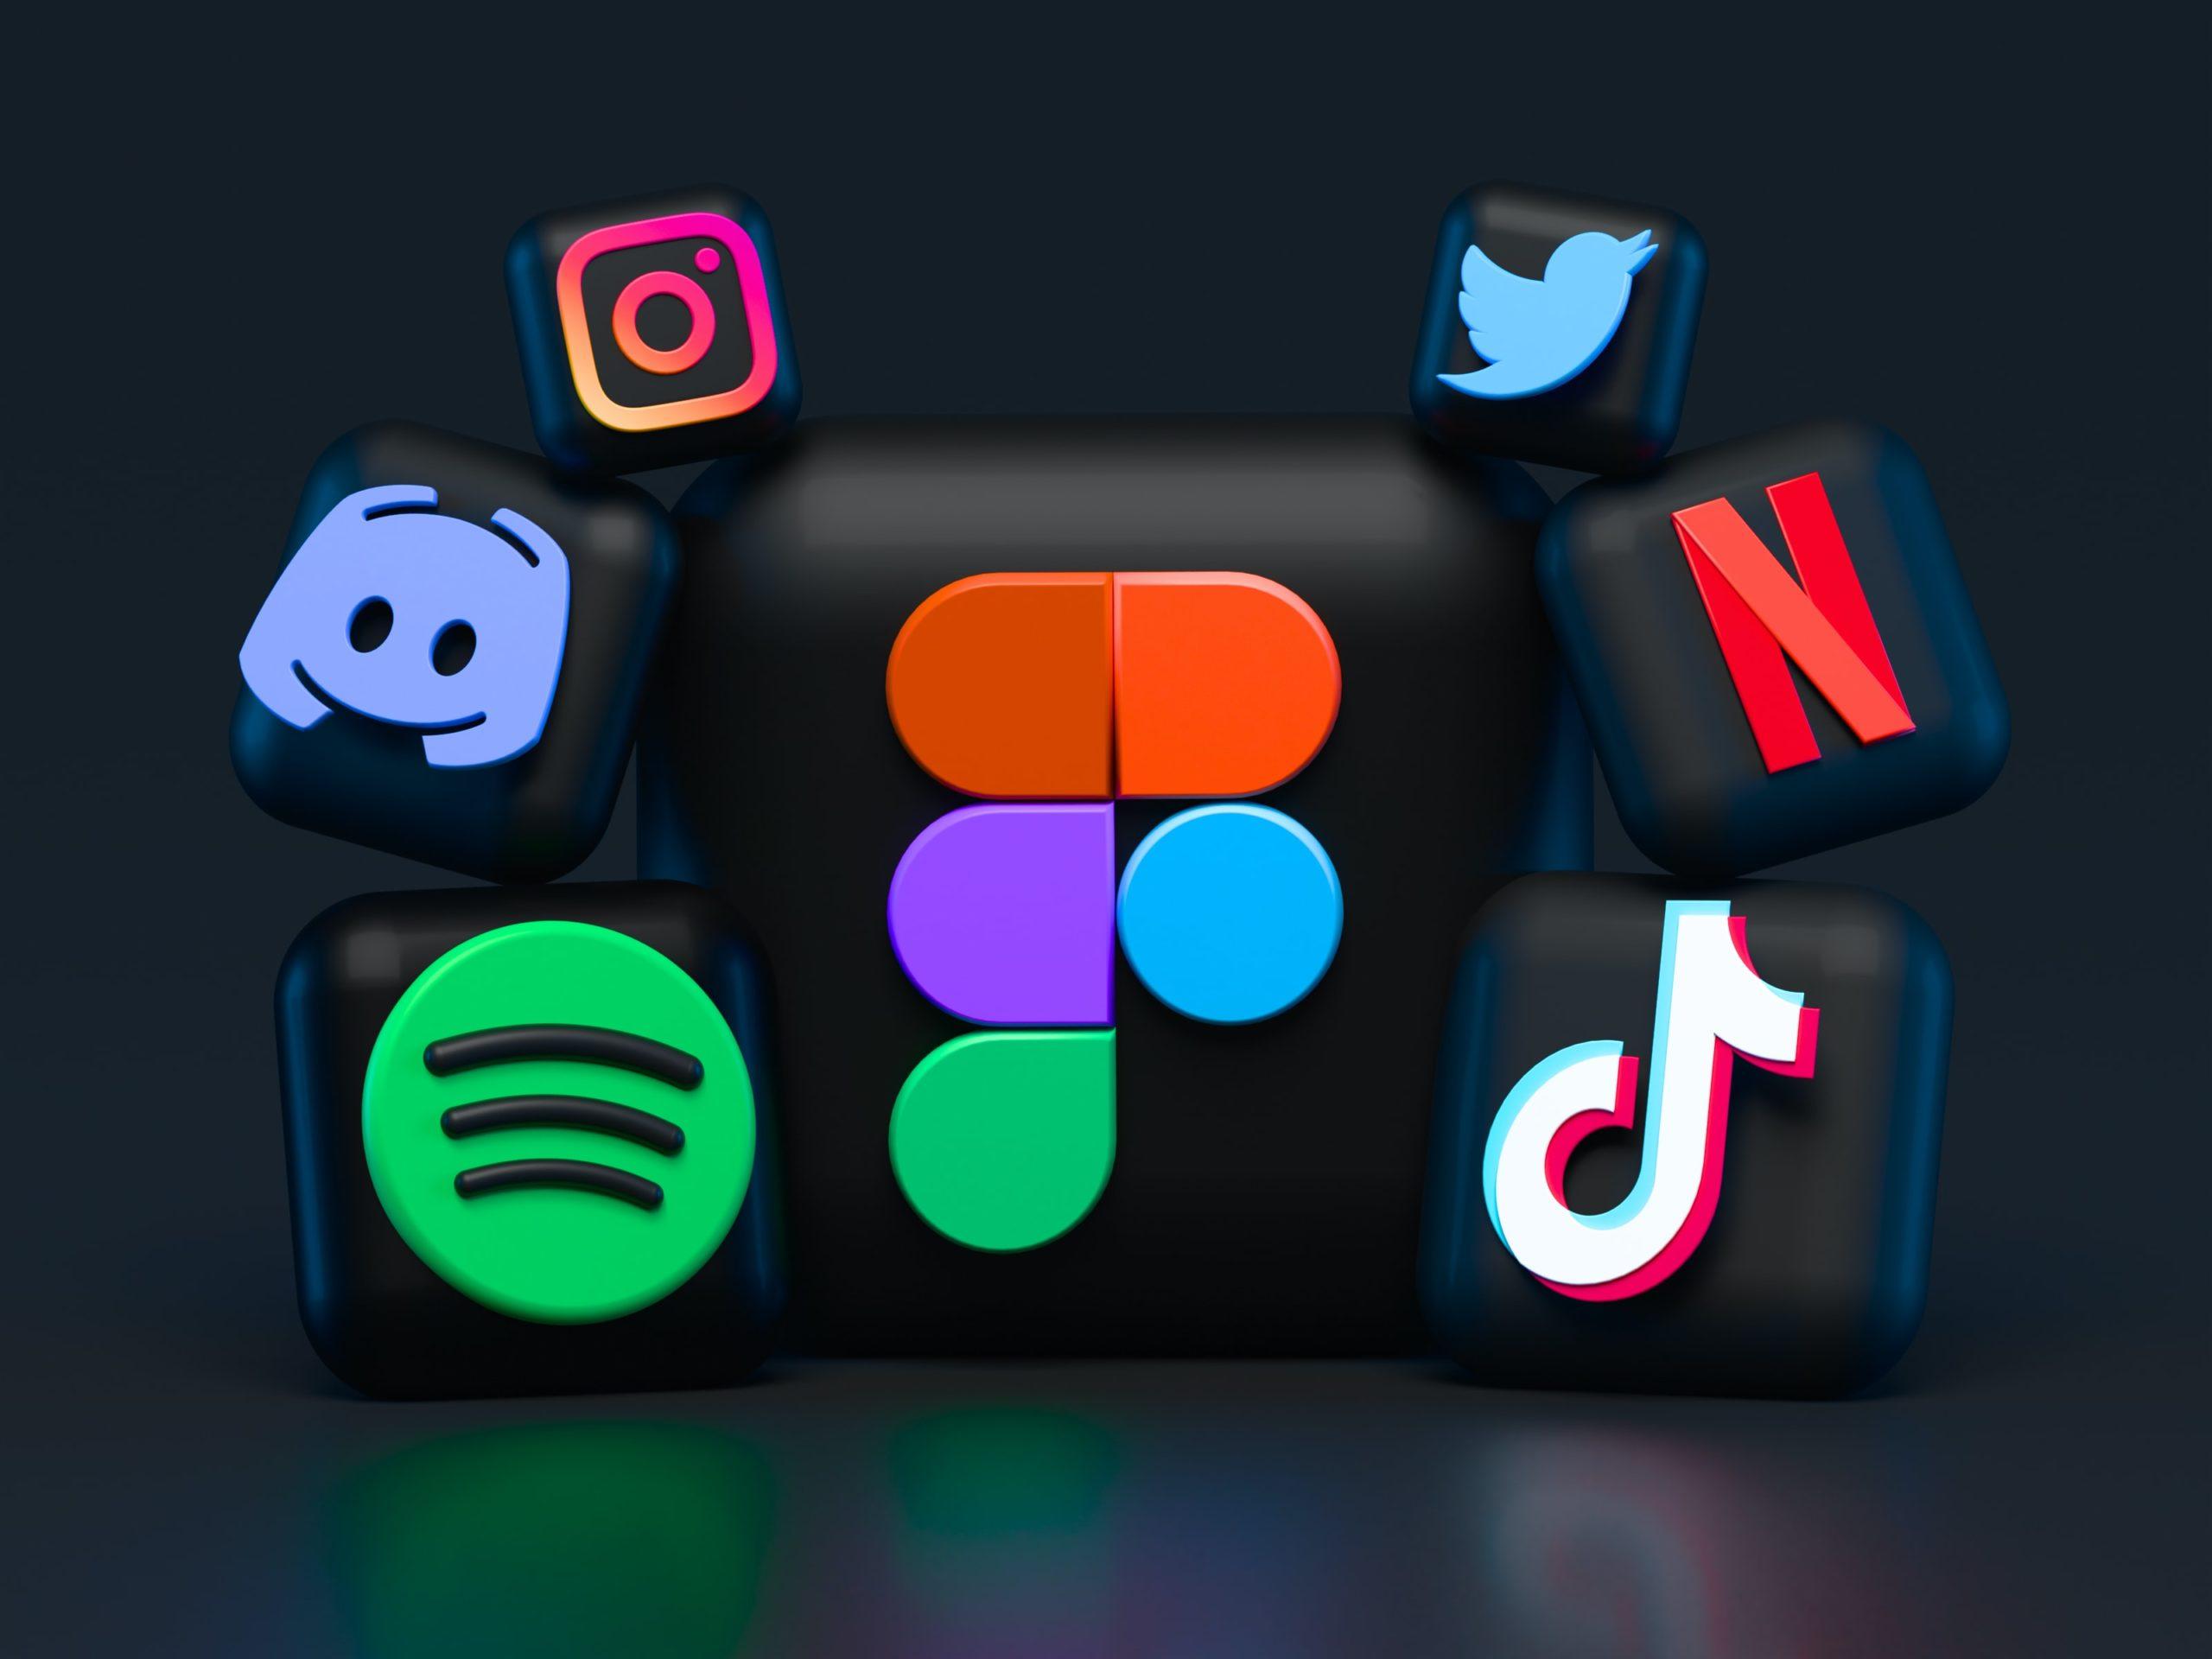 Digital marketing platforms, socials